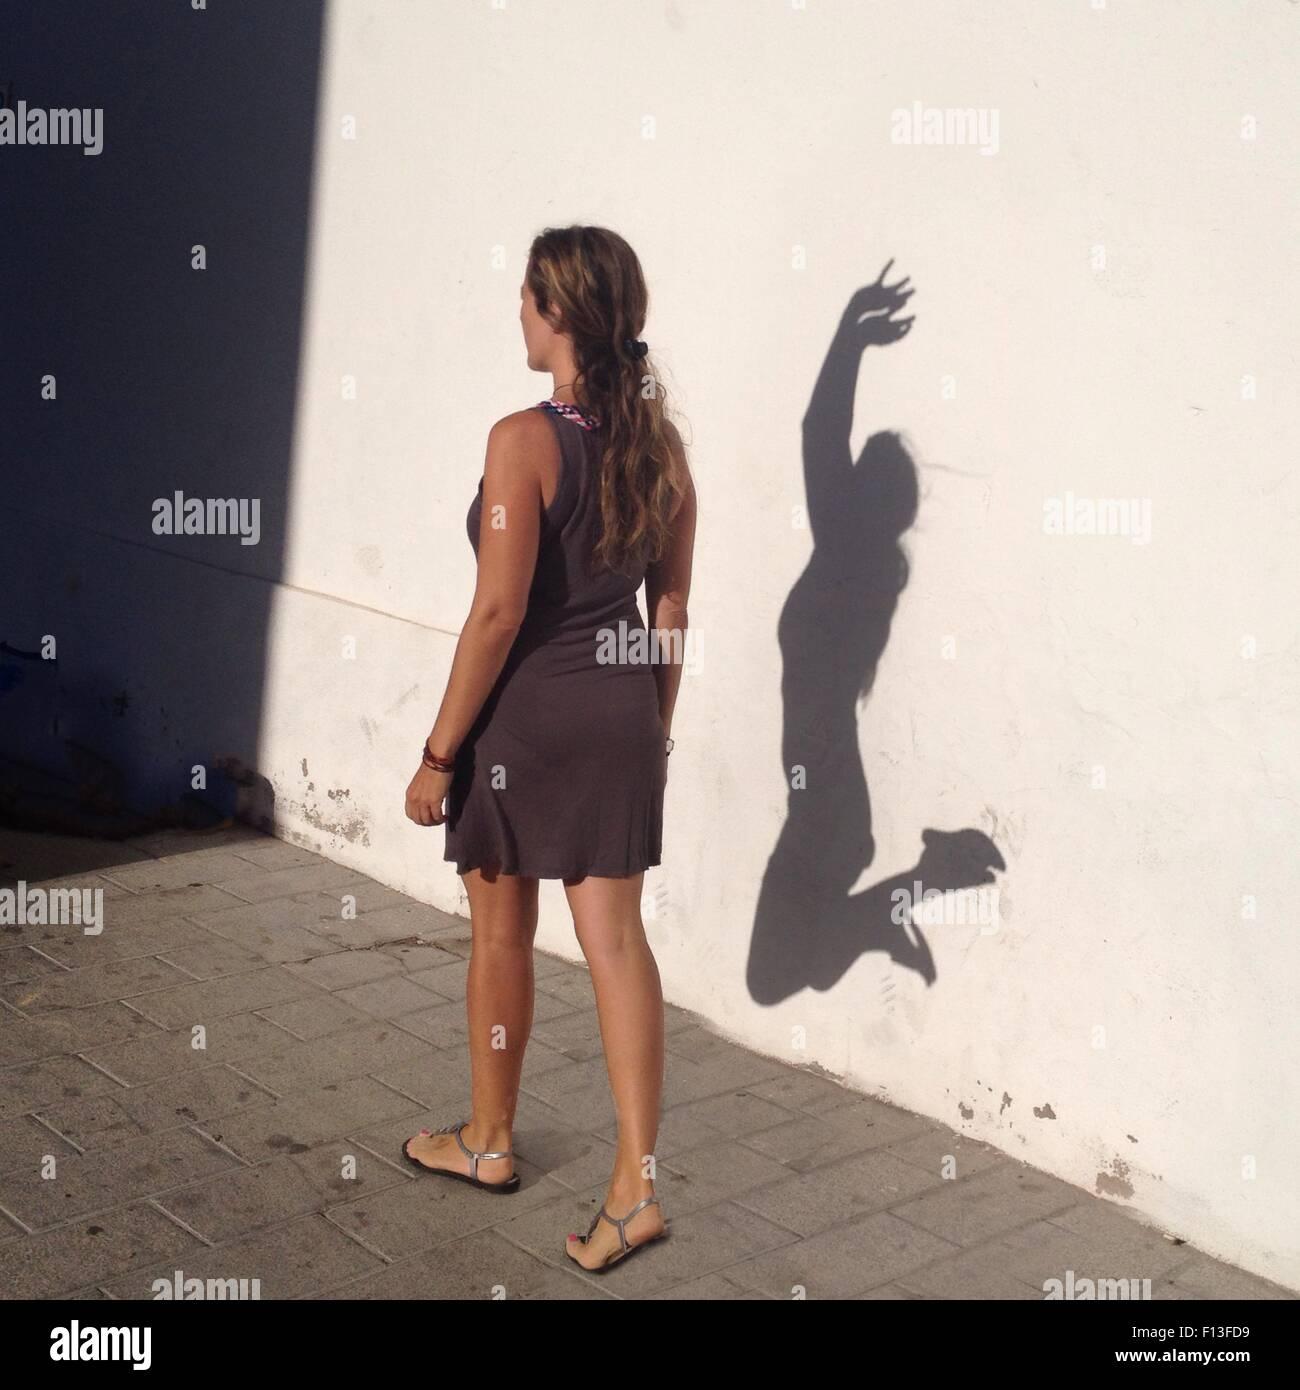 Marcher avec une femme de l'ombre de l'alter ego sauter de joie Photo Stock